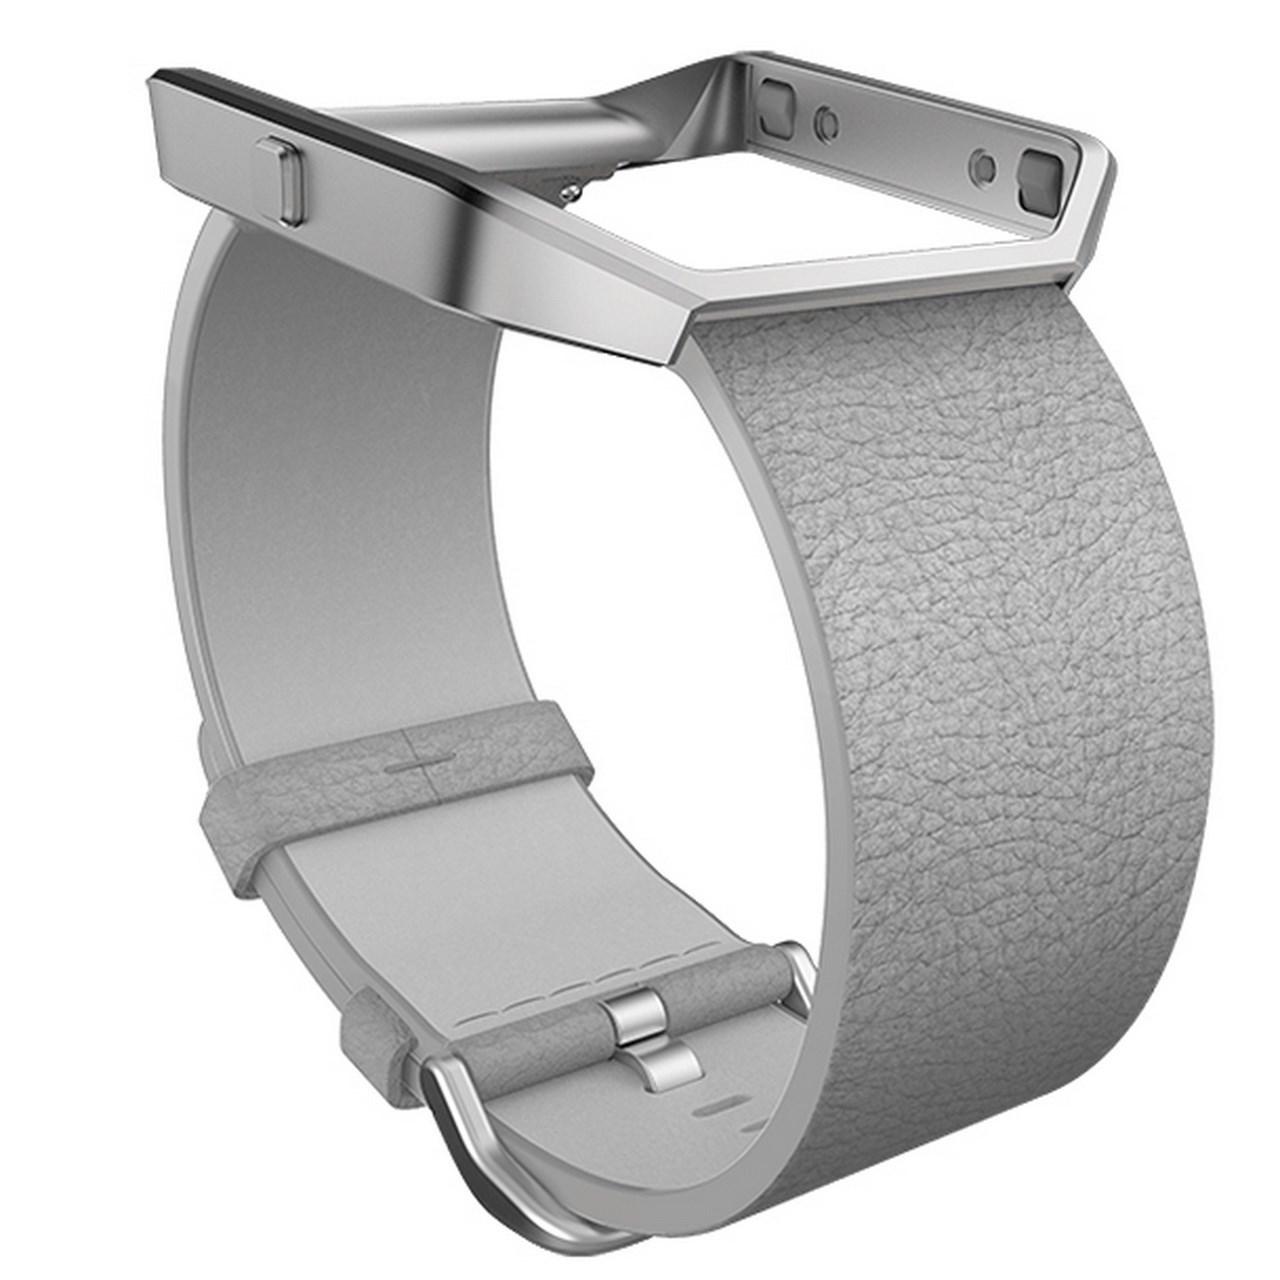 عکس بند مچ بند هوشمند فیت بیت مدل Blaze Leather سایز کوچک